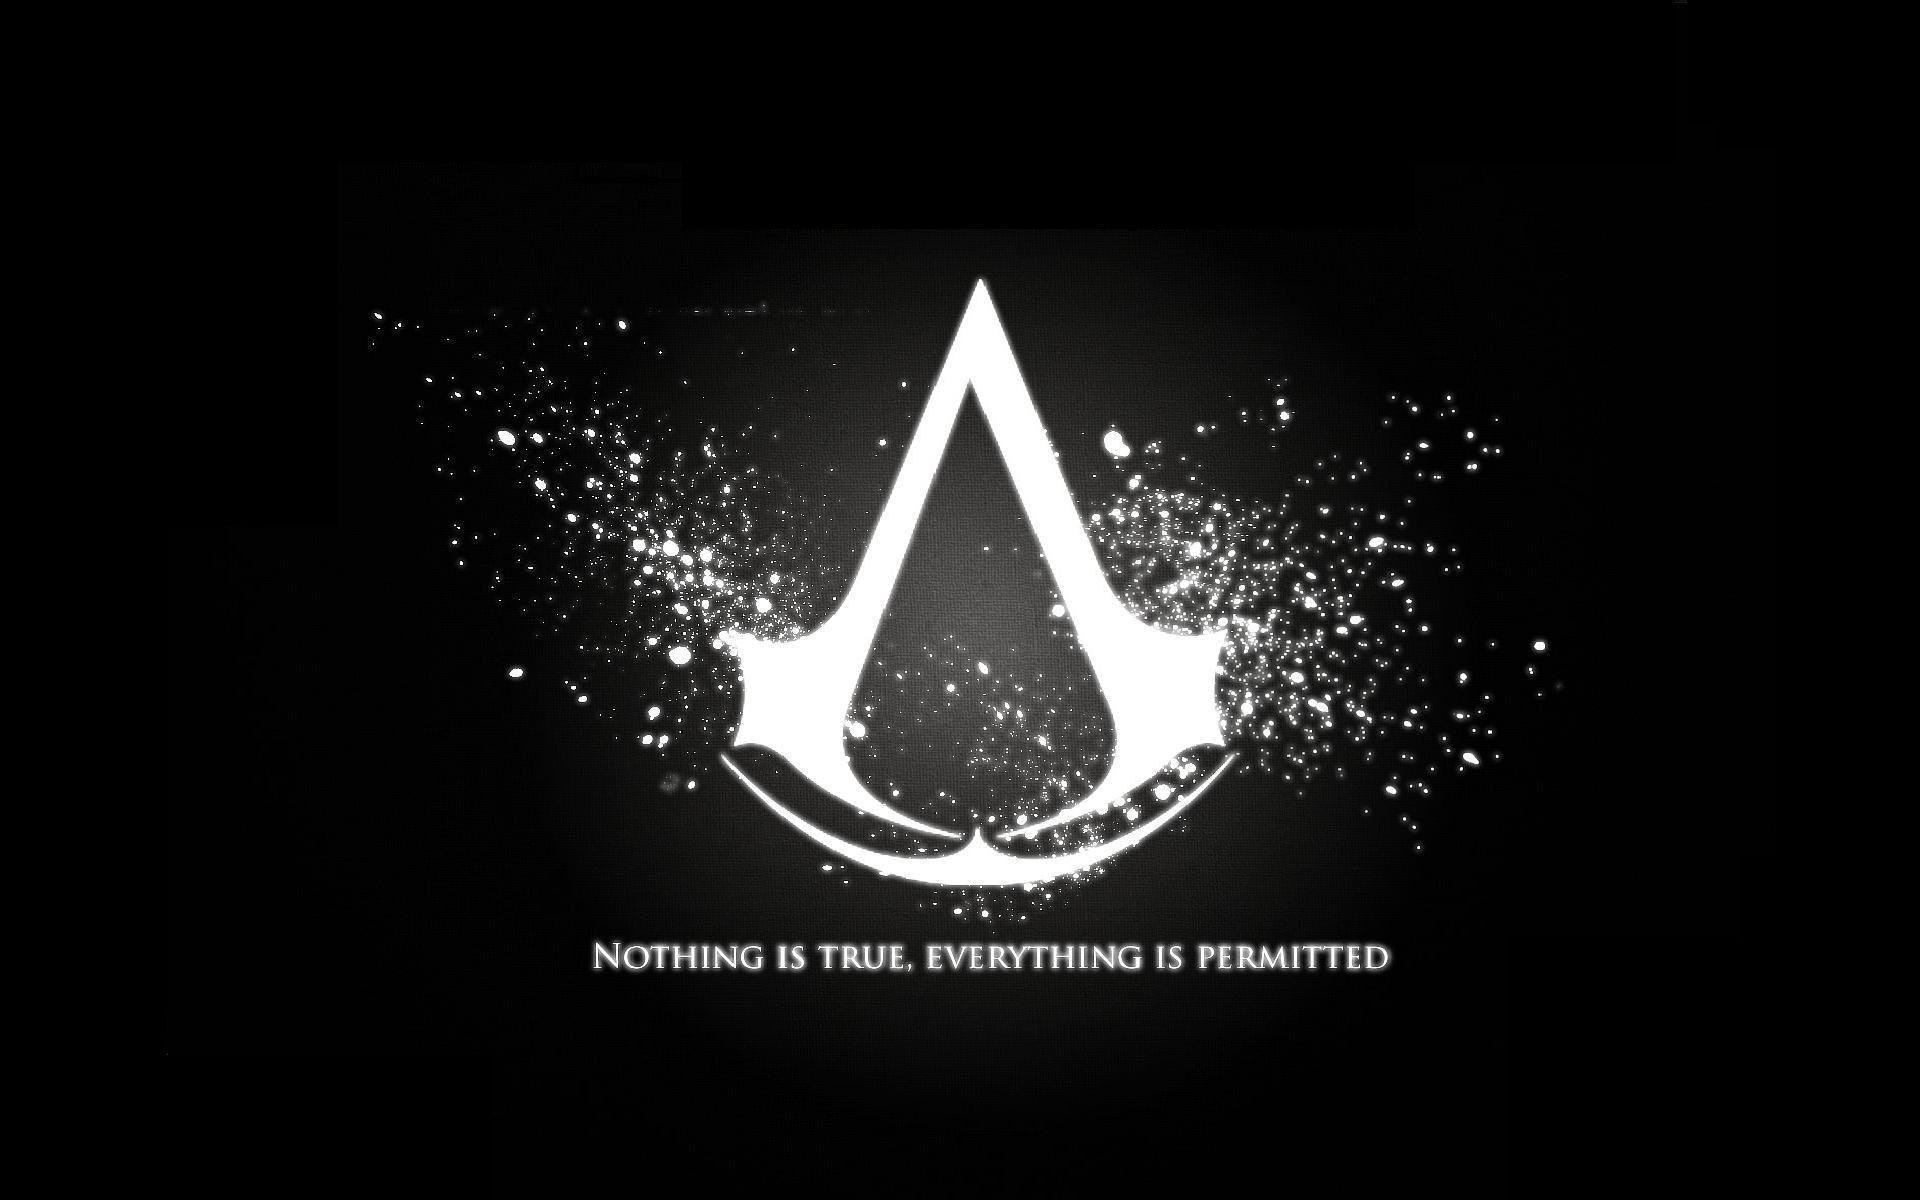 Assassins Creed Symbol Wallpapers – Wallpaper Cave